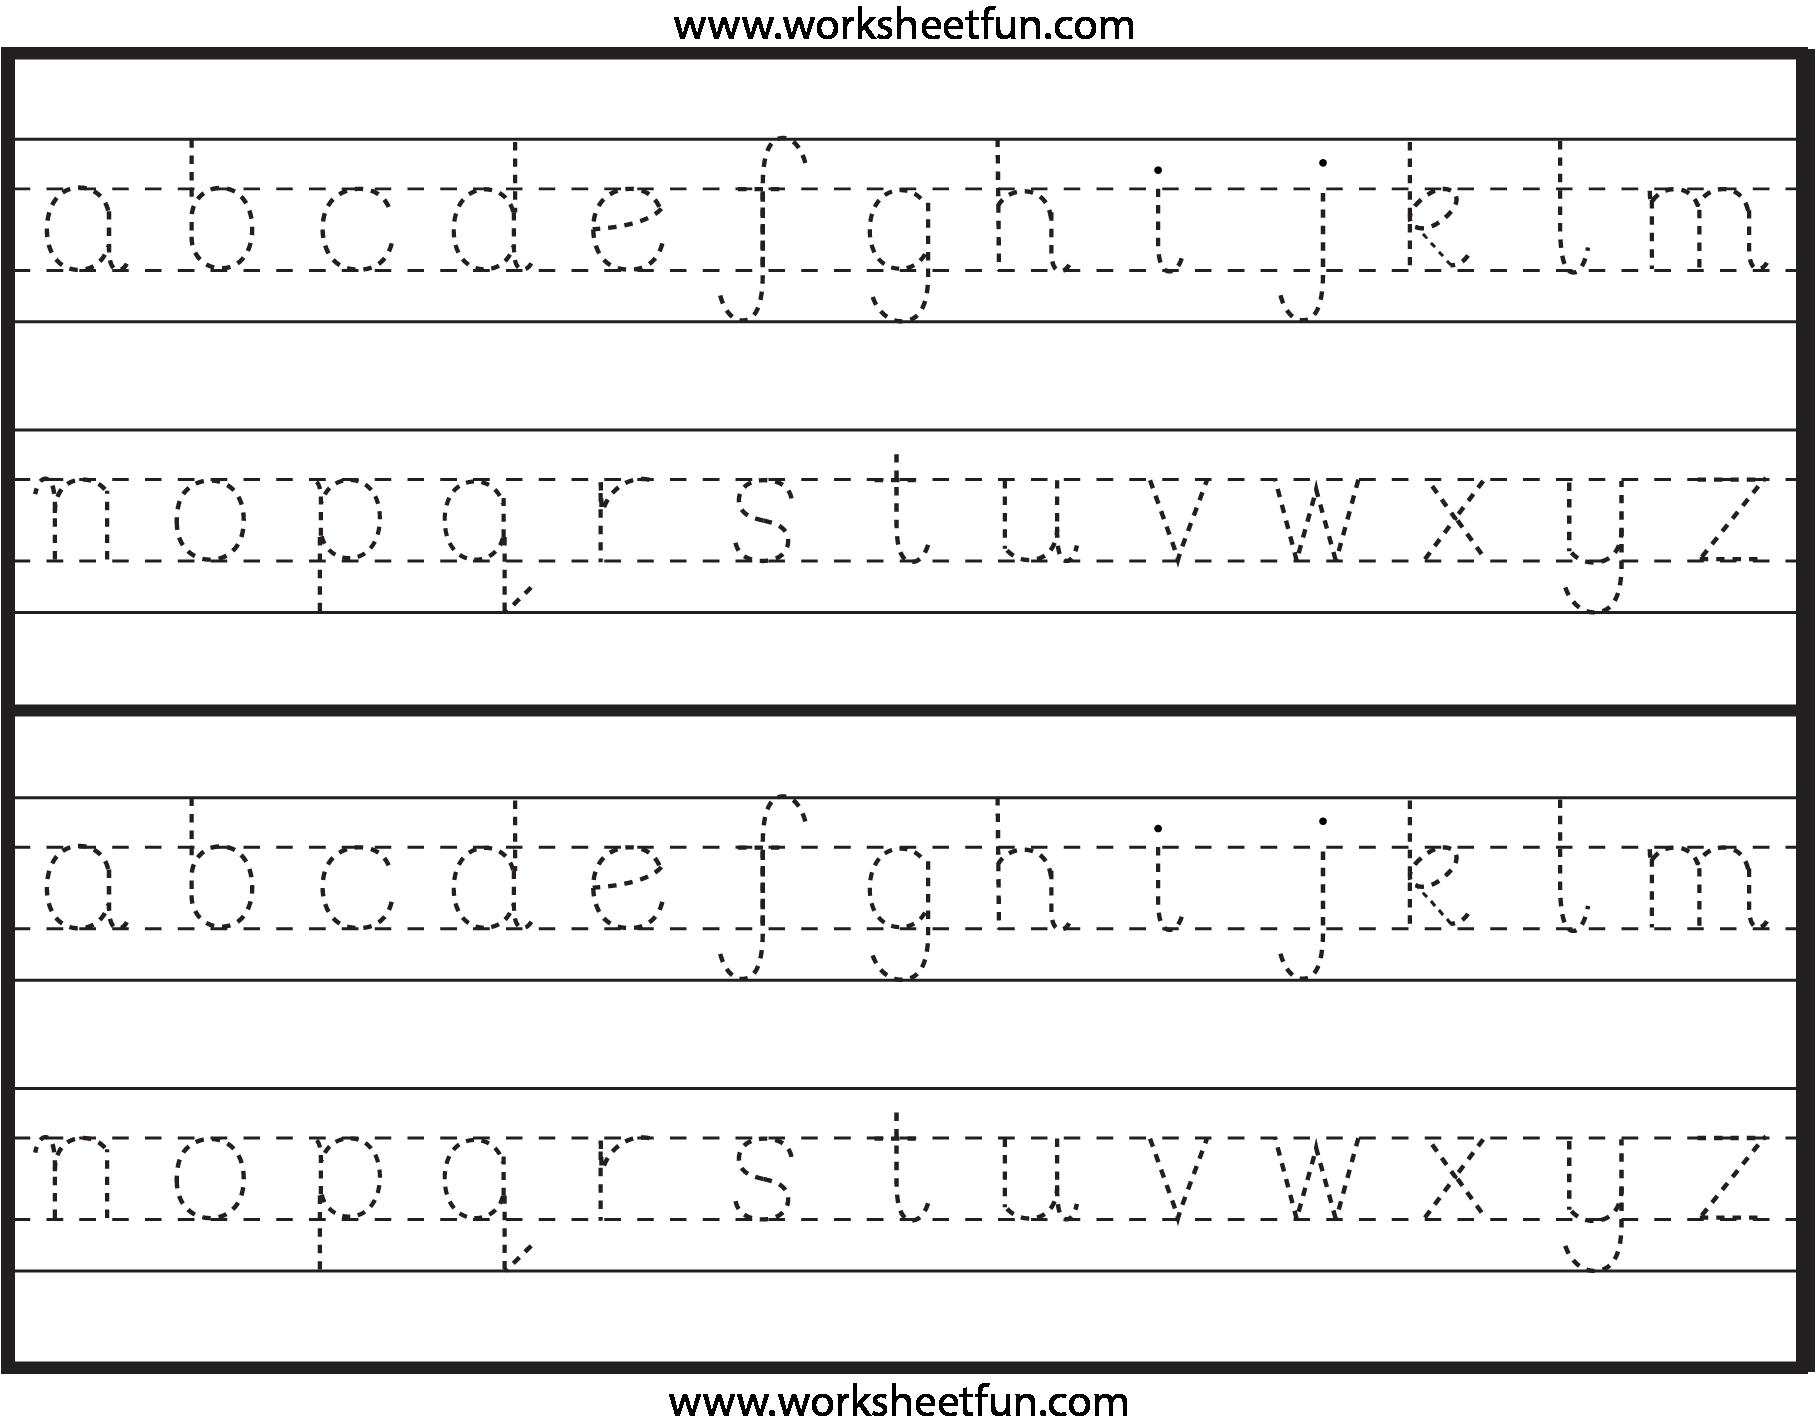 Image Result For Abc Dot To Dot Printable